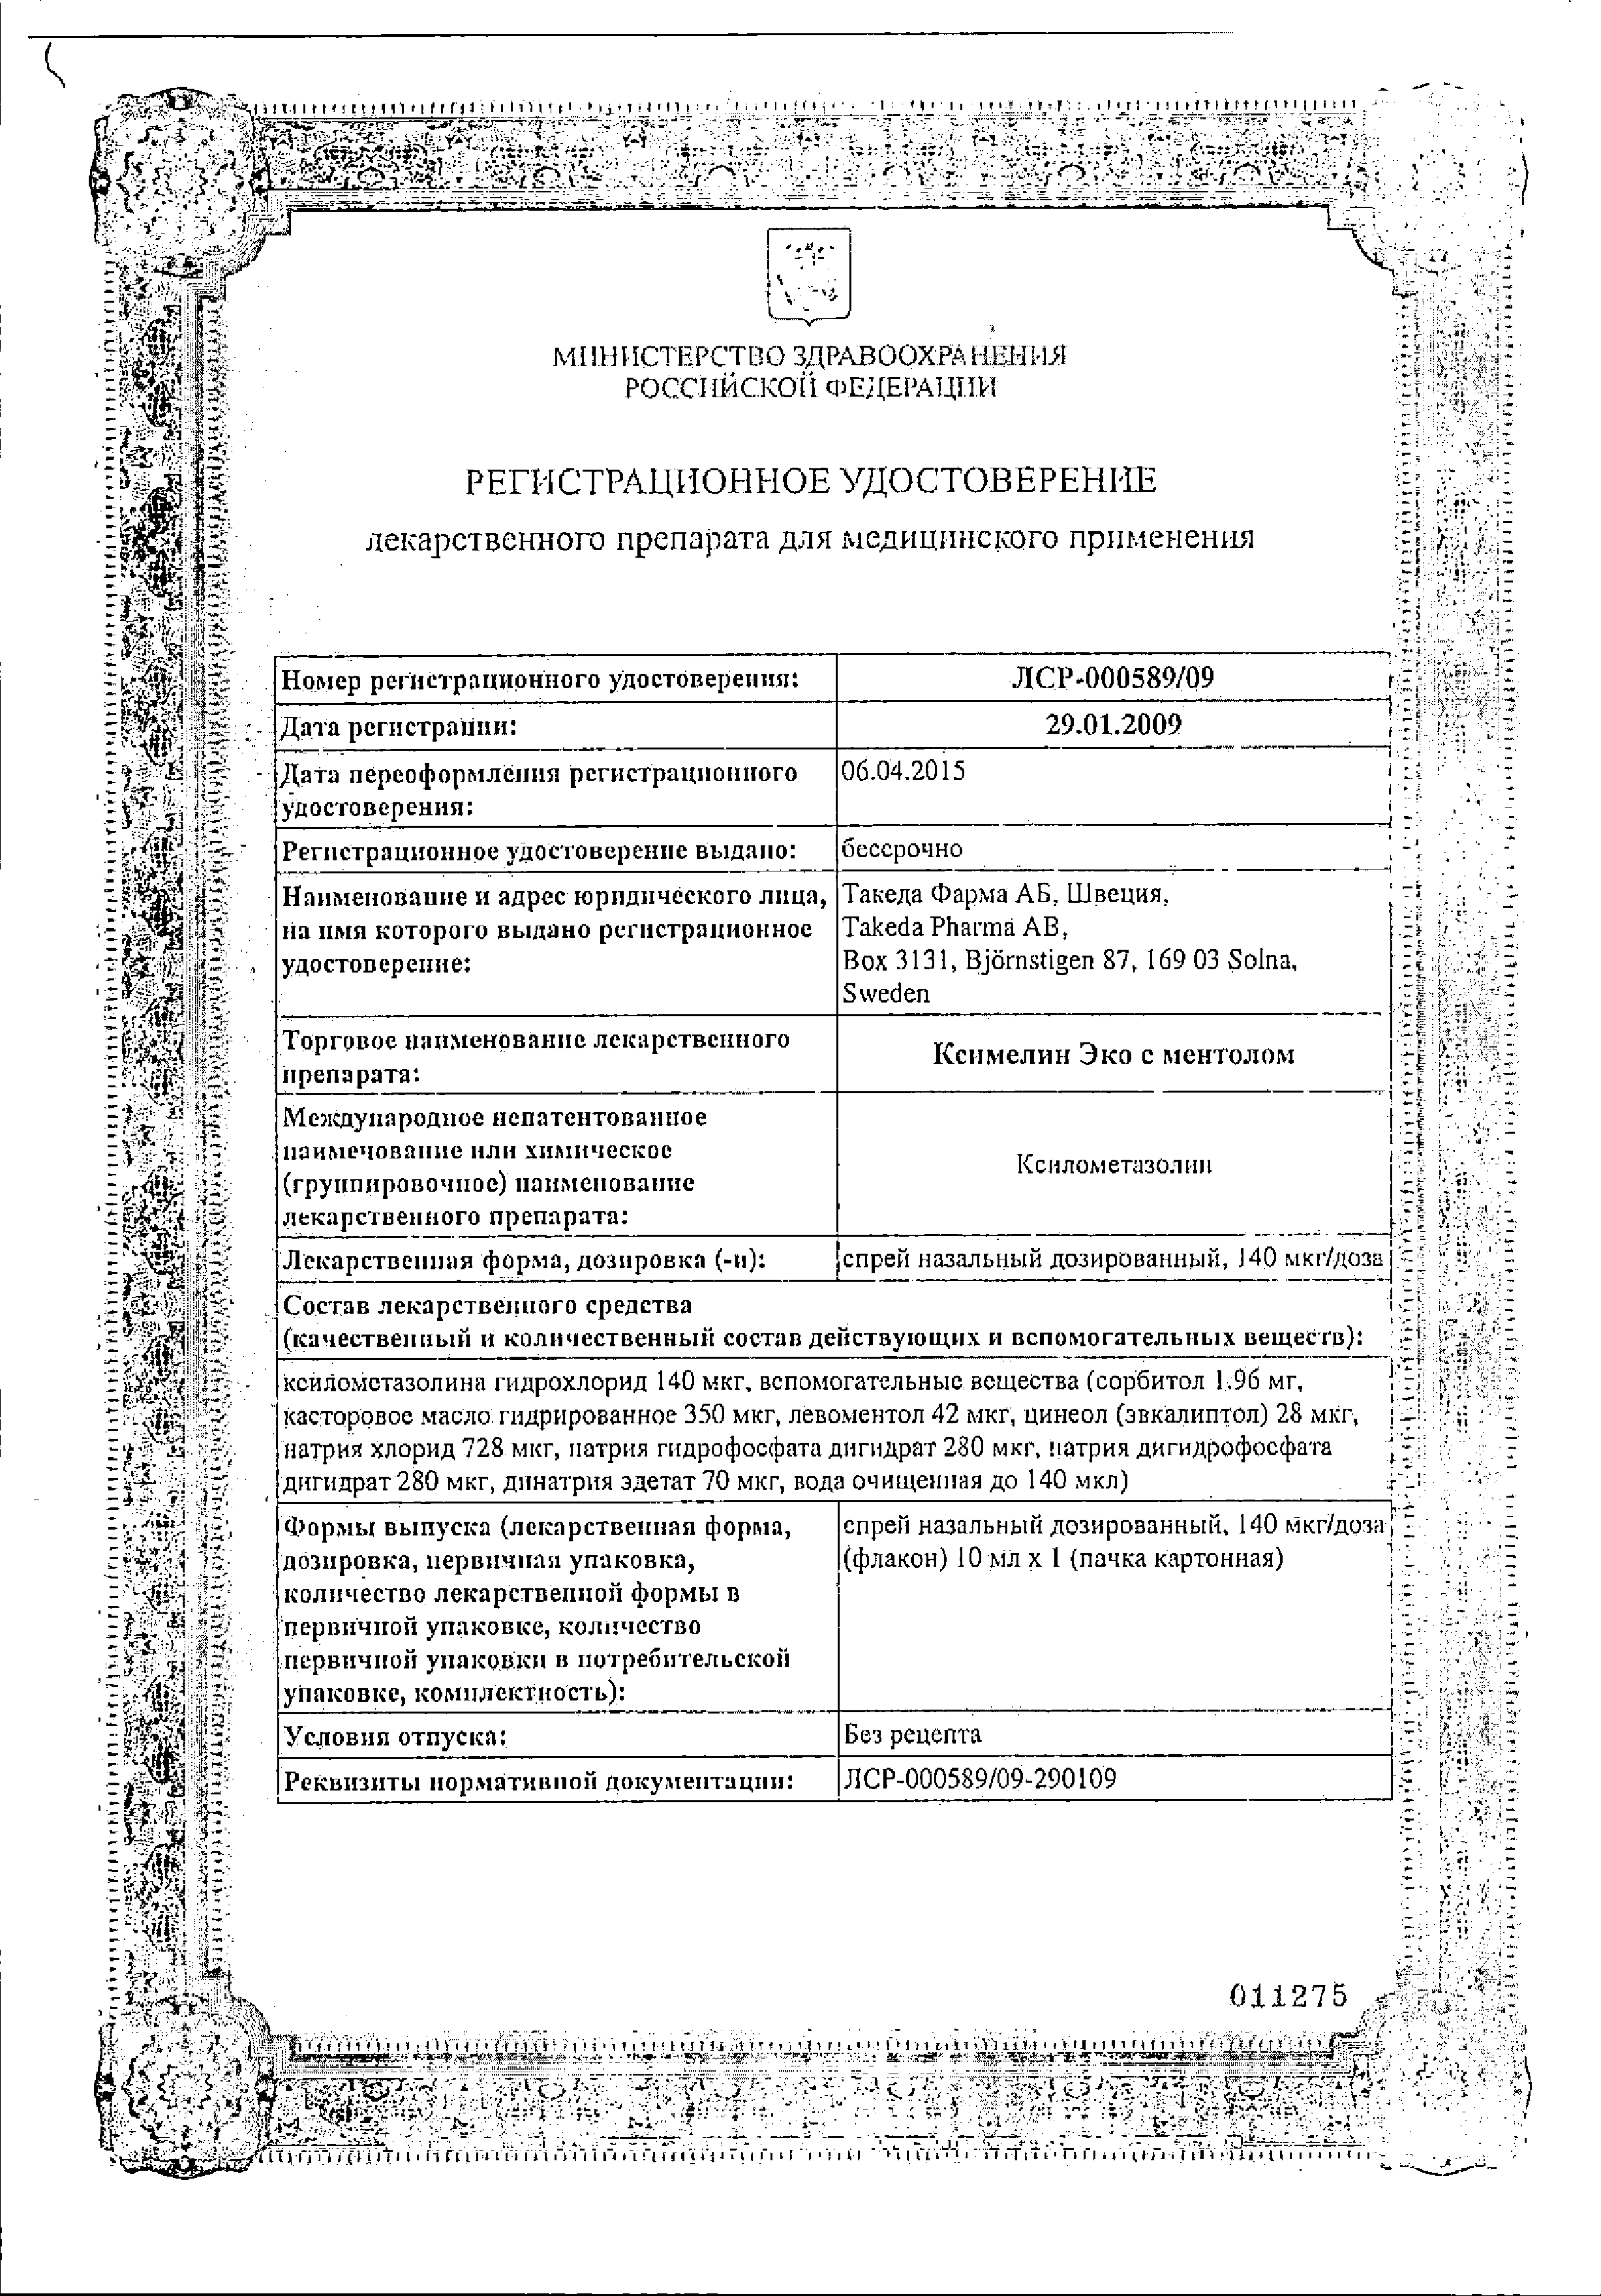 Ксимелин Эко с ментолом сертификат